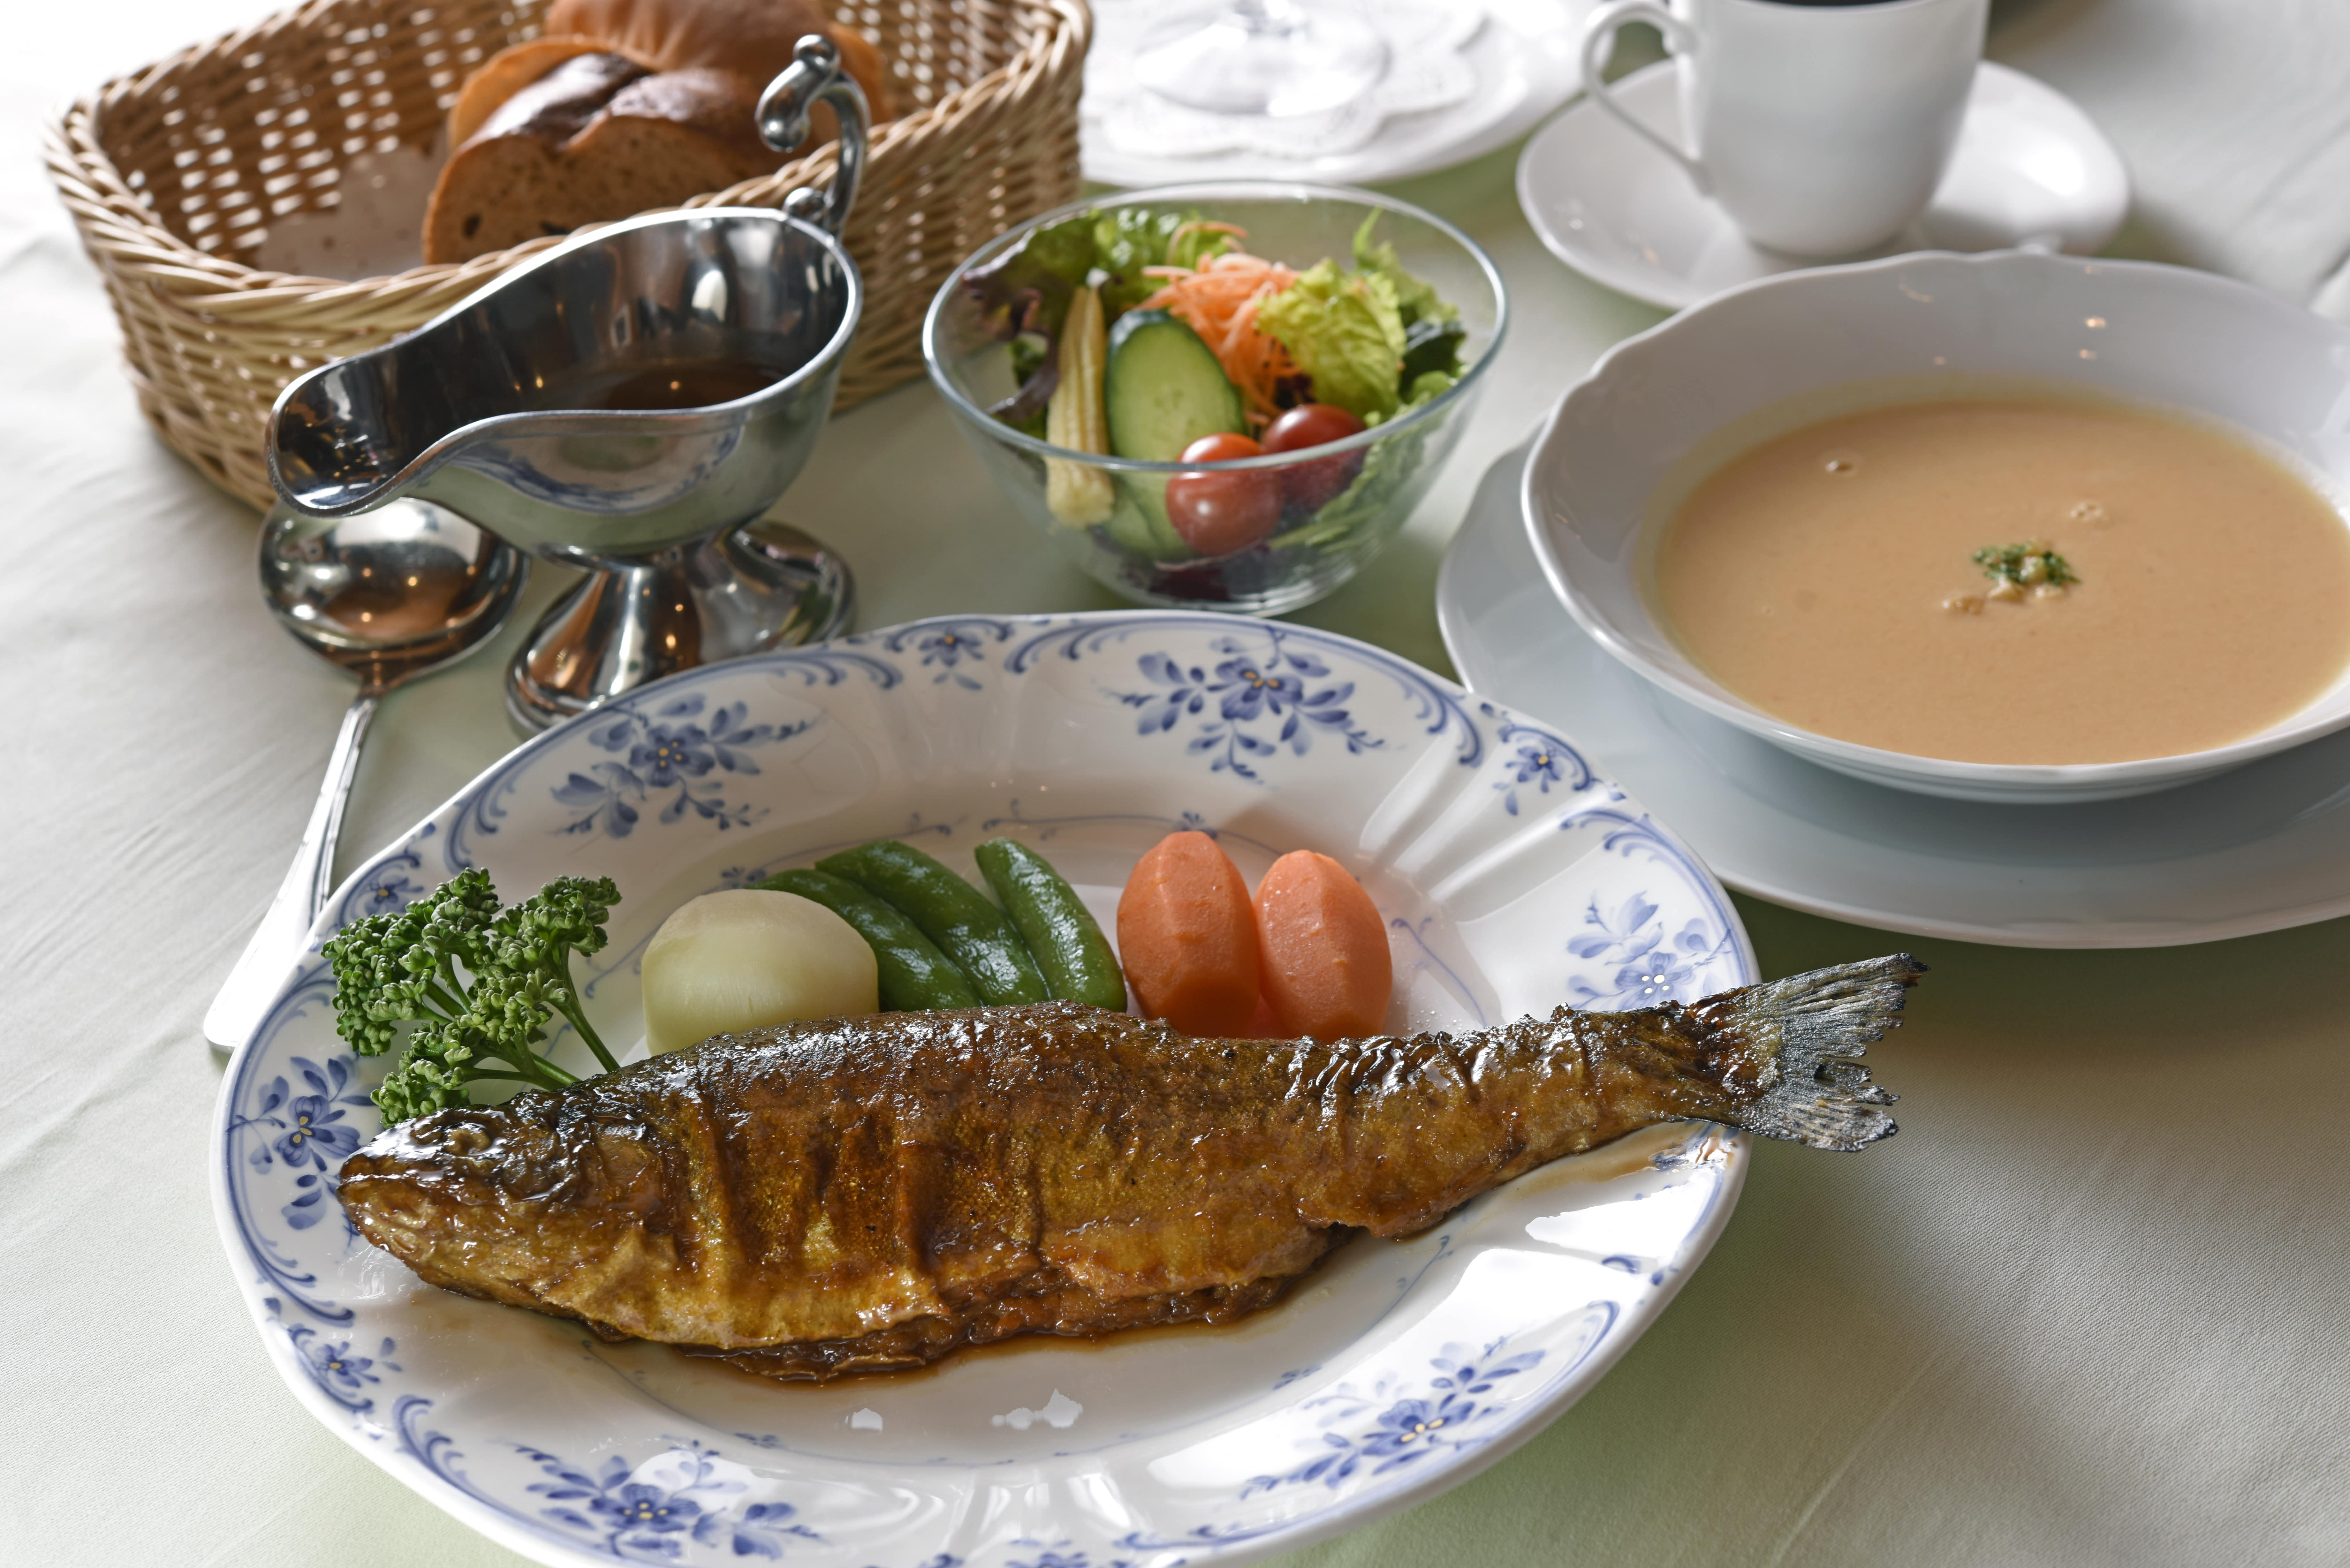 地元名産ニジマスを日本の洋食風味で